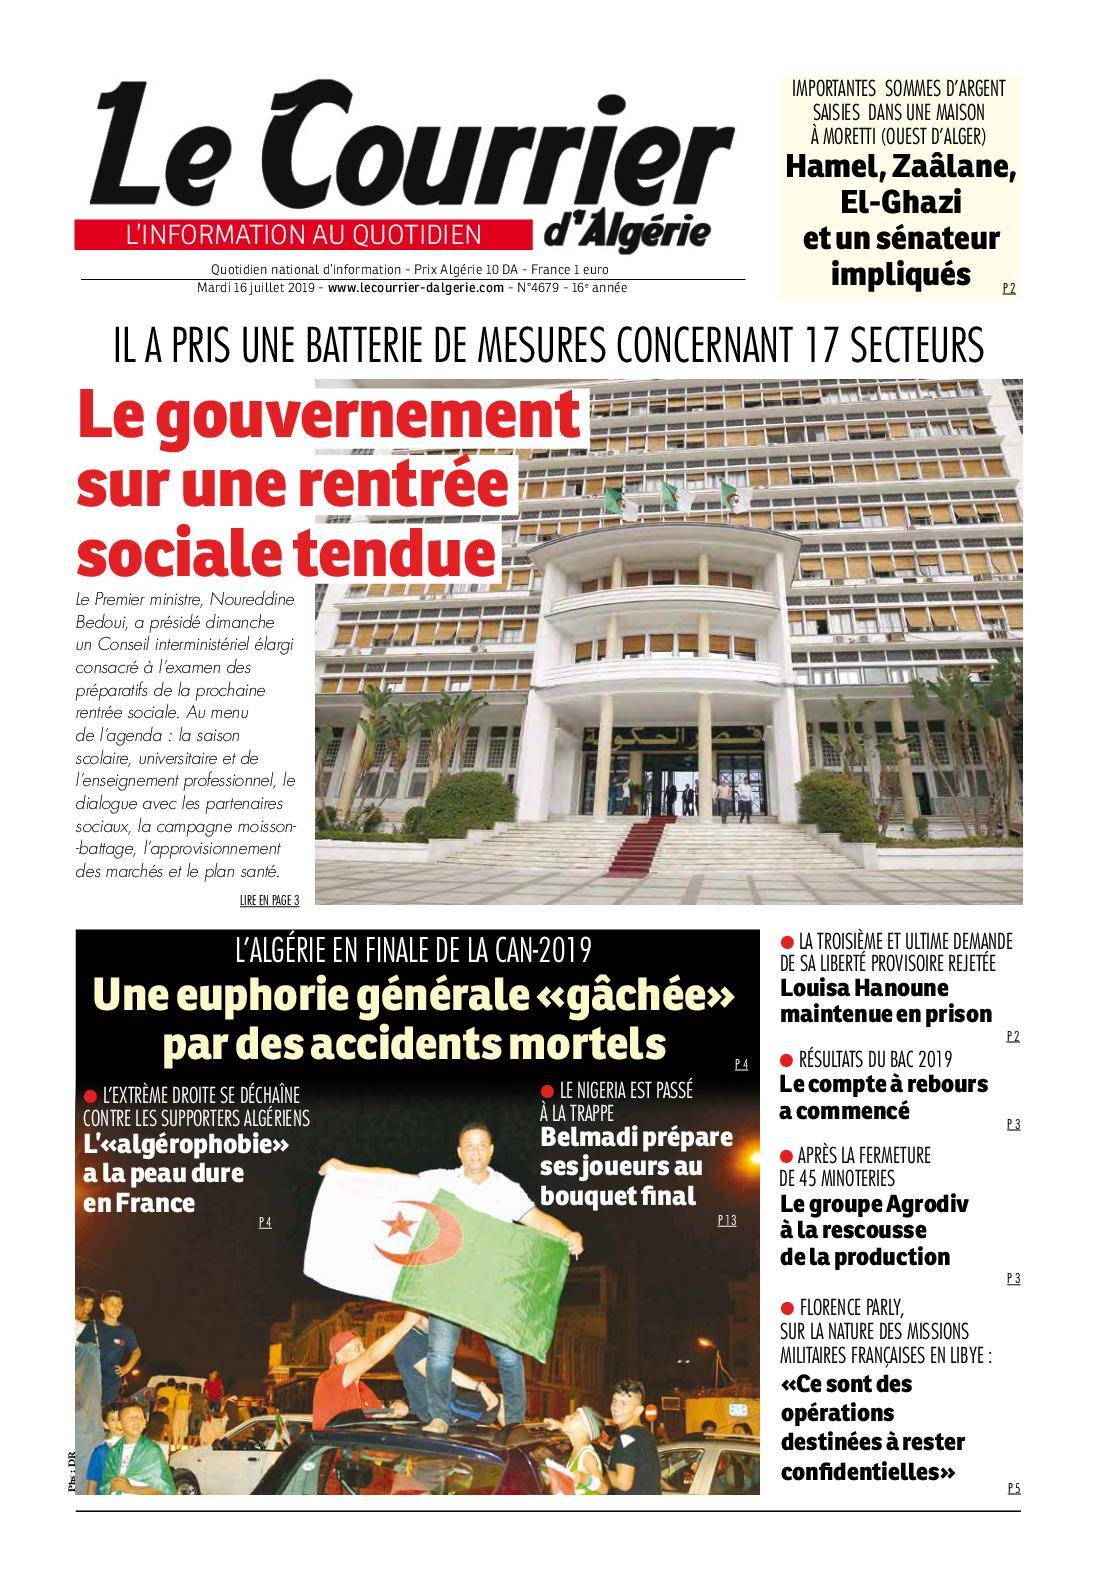 Le Courrier d'Algérie du mardi 16 juillet 20019